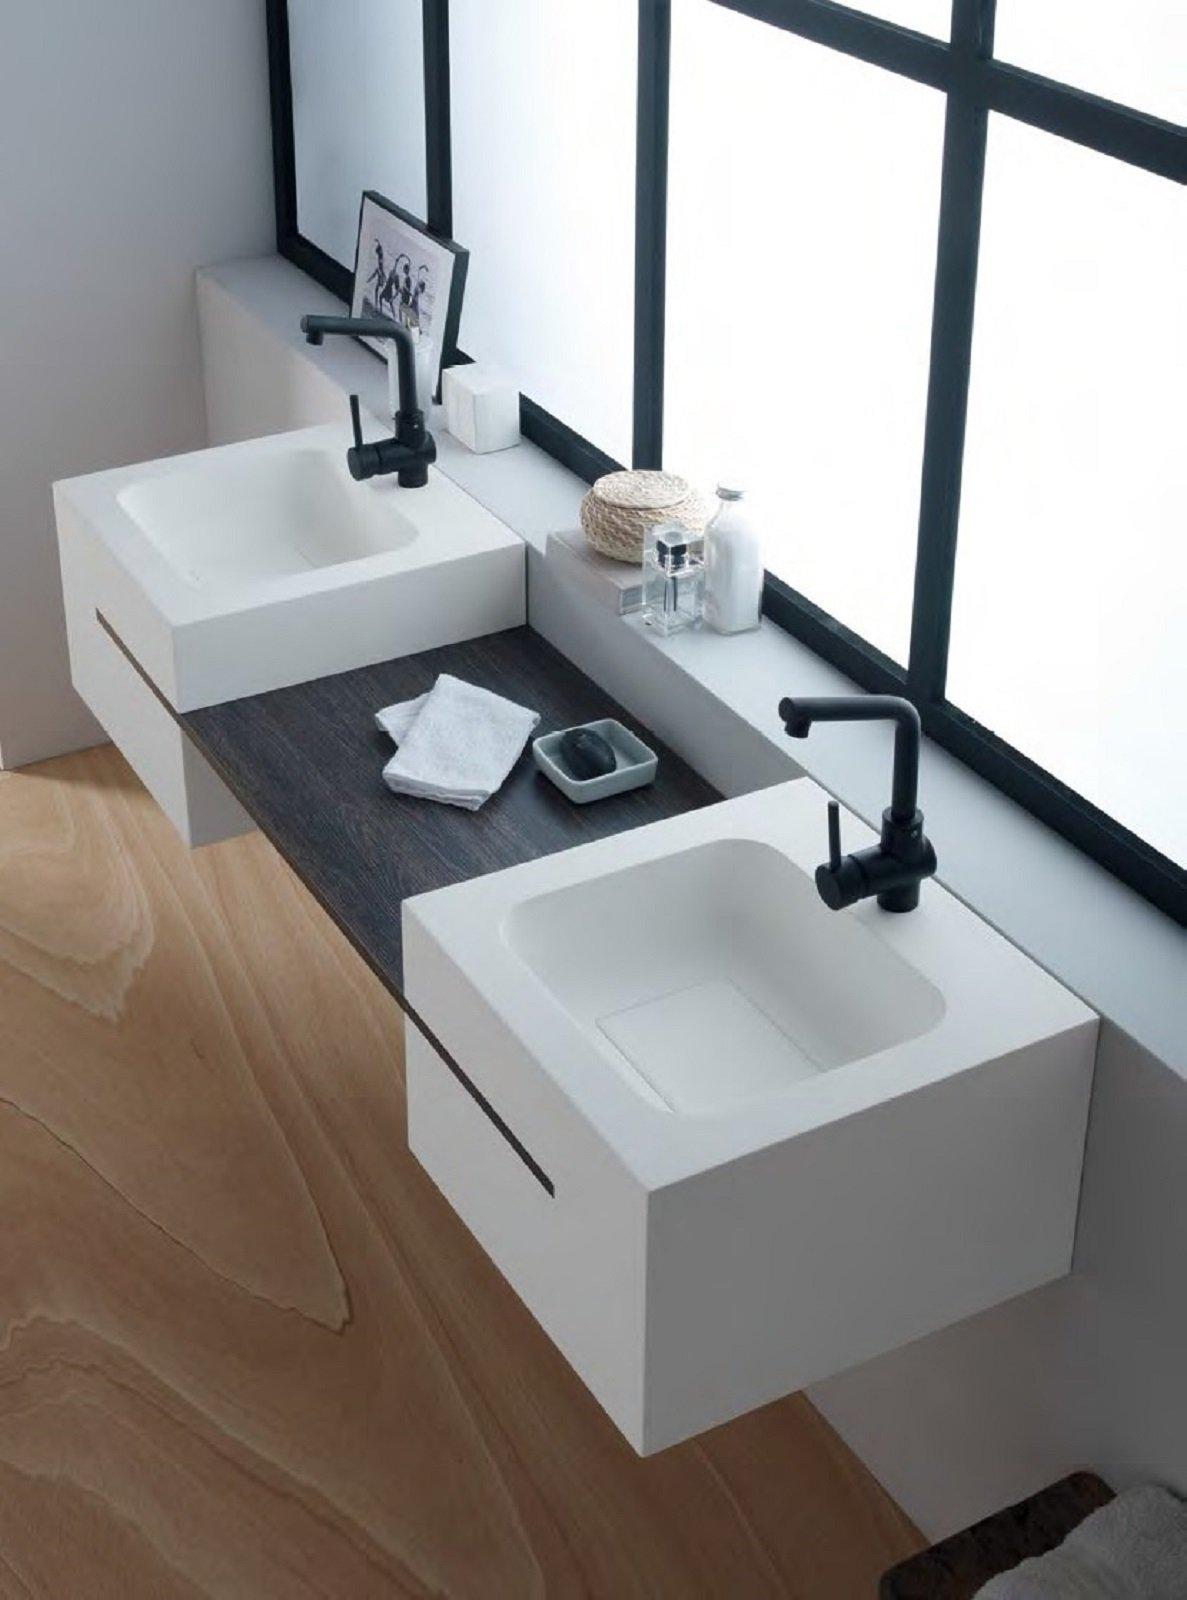 Mensole e piani d 39 appoggio per il lavabo cose di casa for Piani di casa suocera